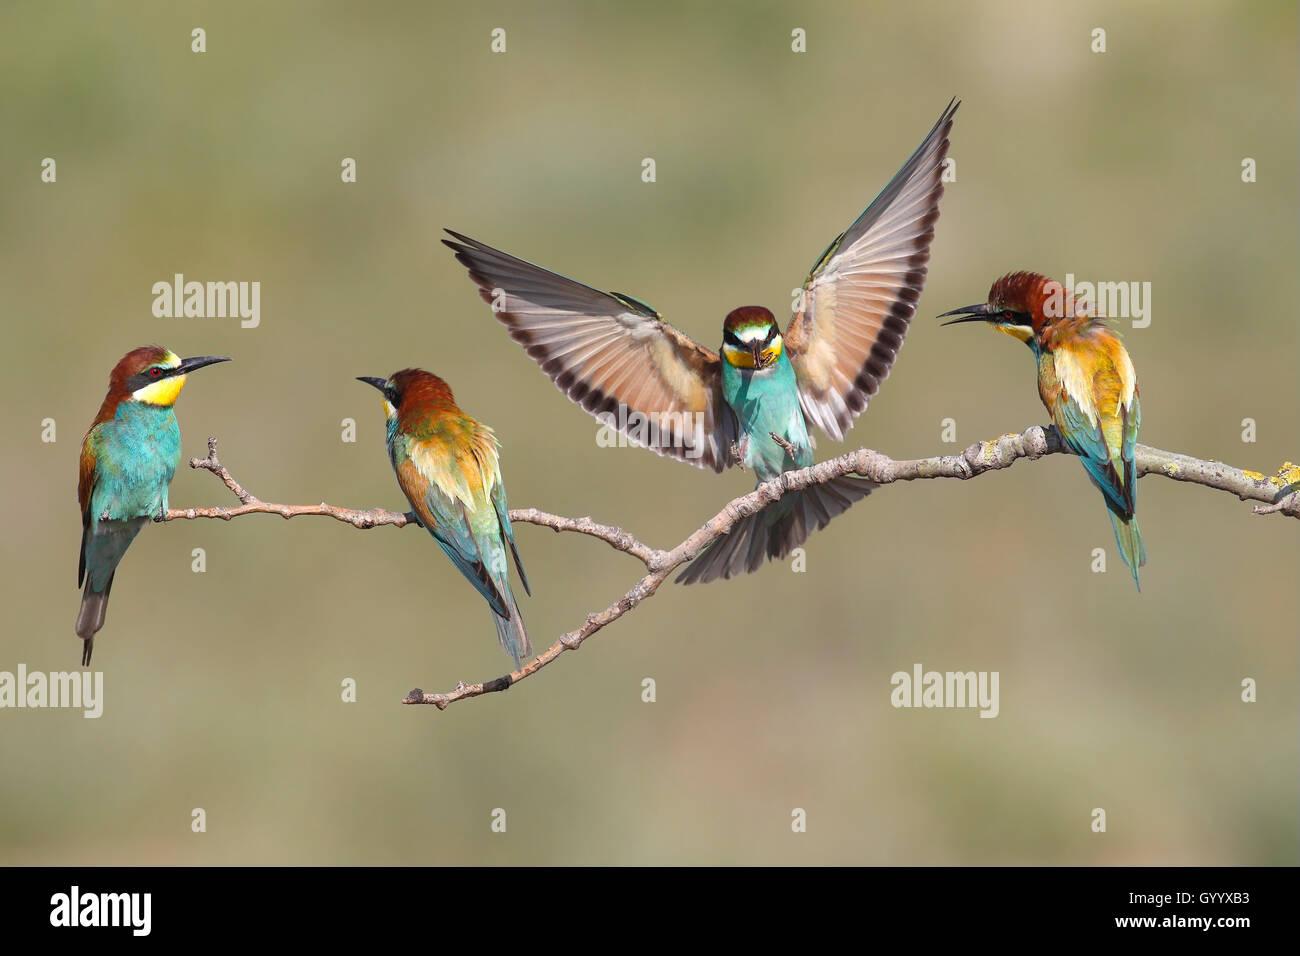 Guêpiers d'Europe (Merops apiaster), quatre oiseaux, l'un en vol, Nickelsdorf, Parc national du lac de Neusiedl, Burgenland, Autriche Banque D'Images